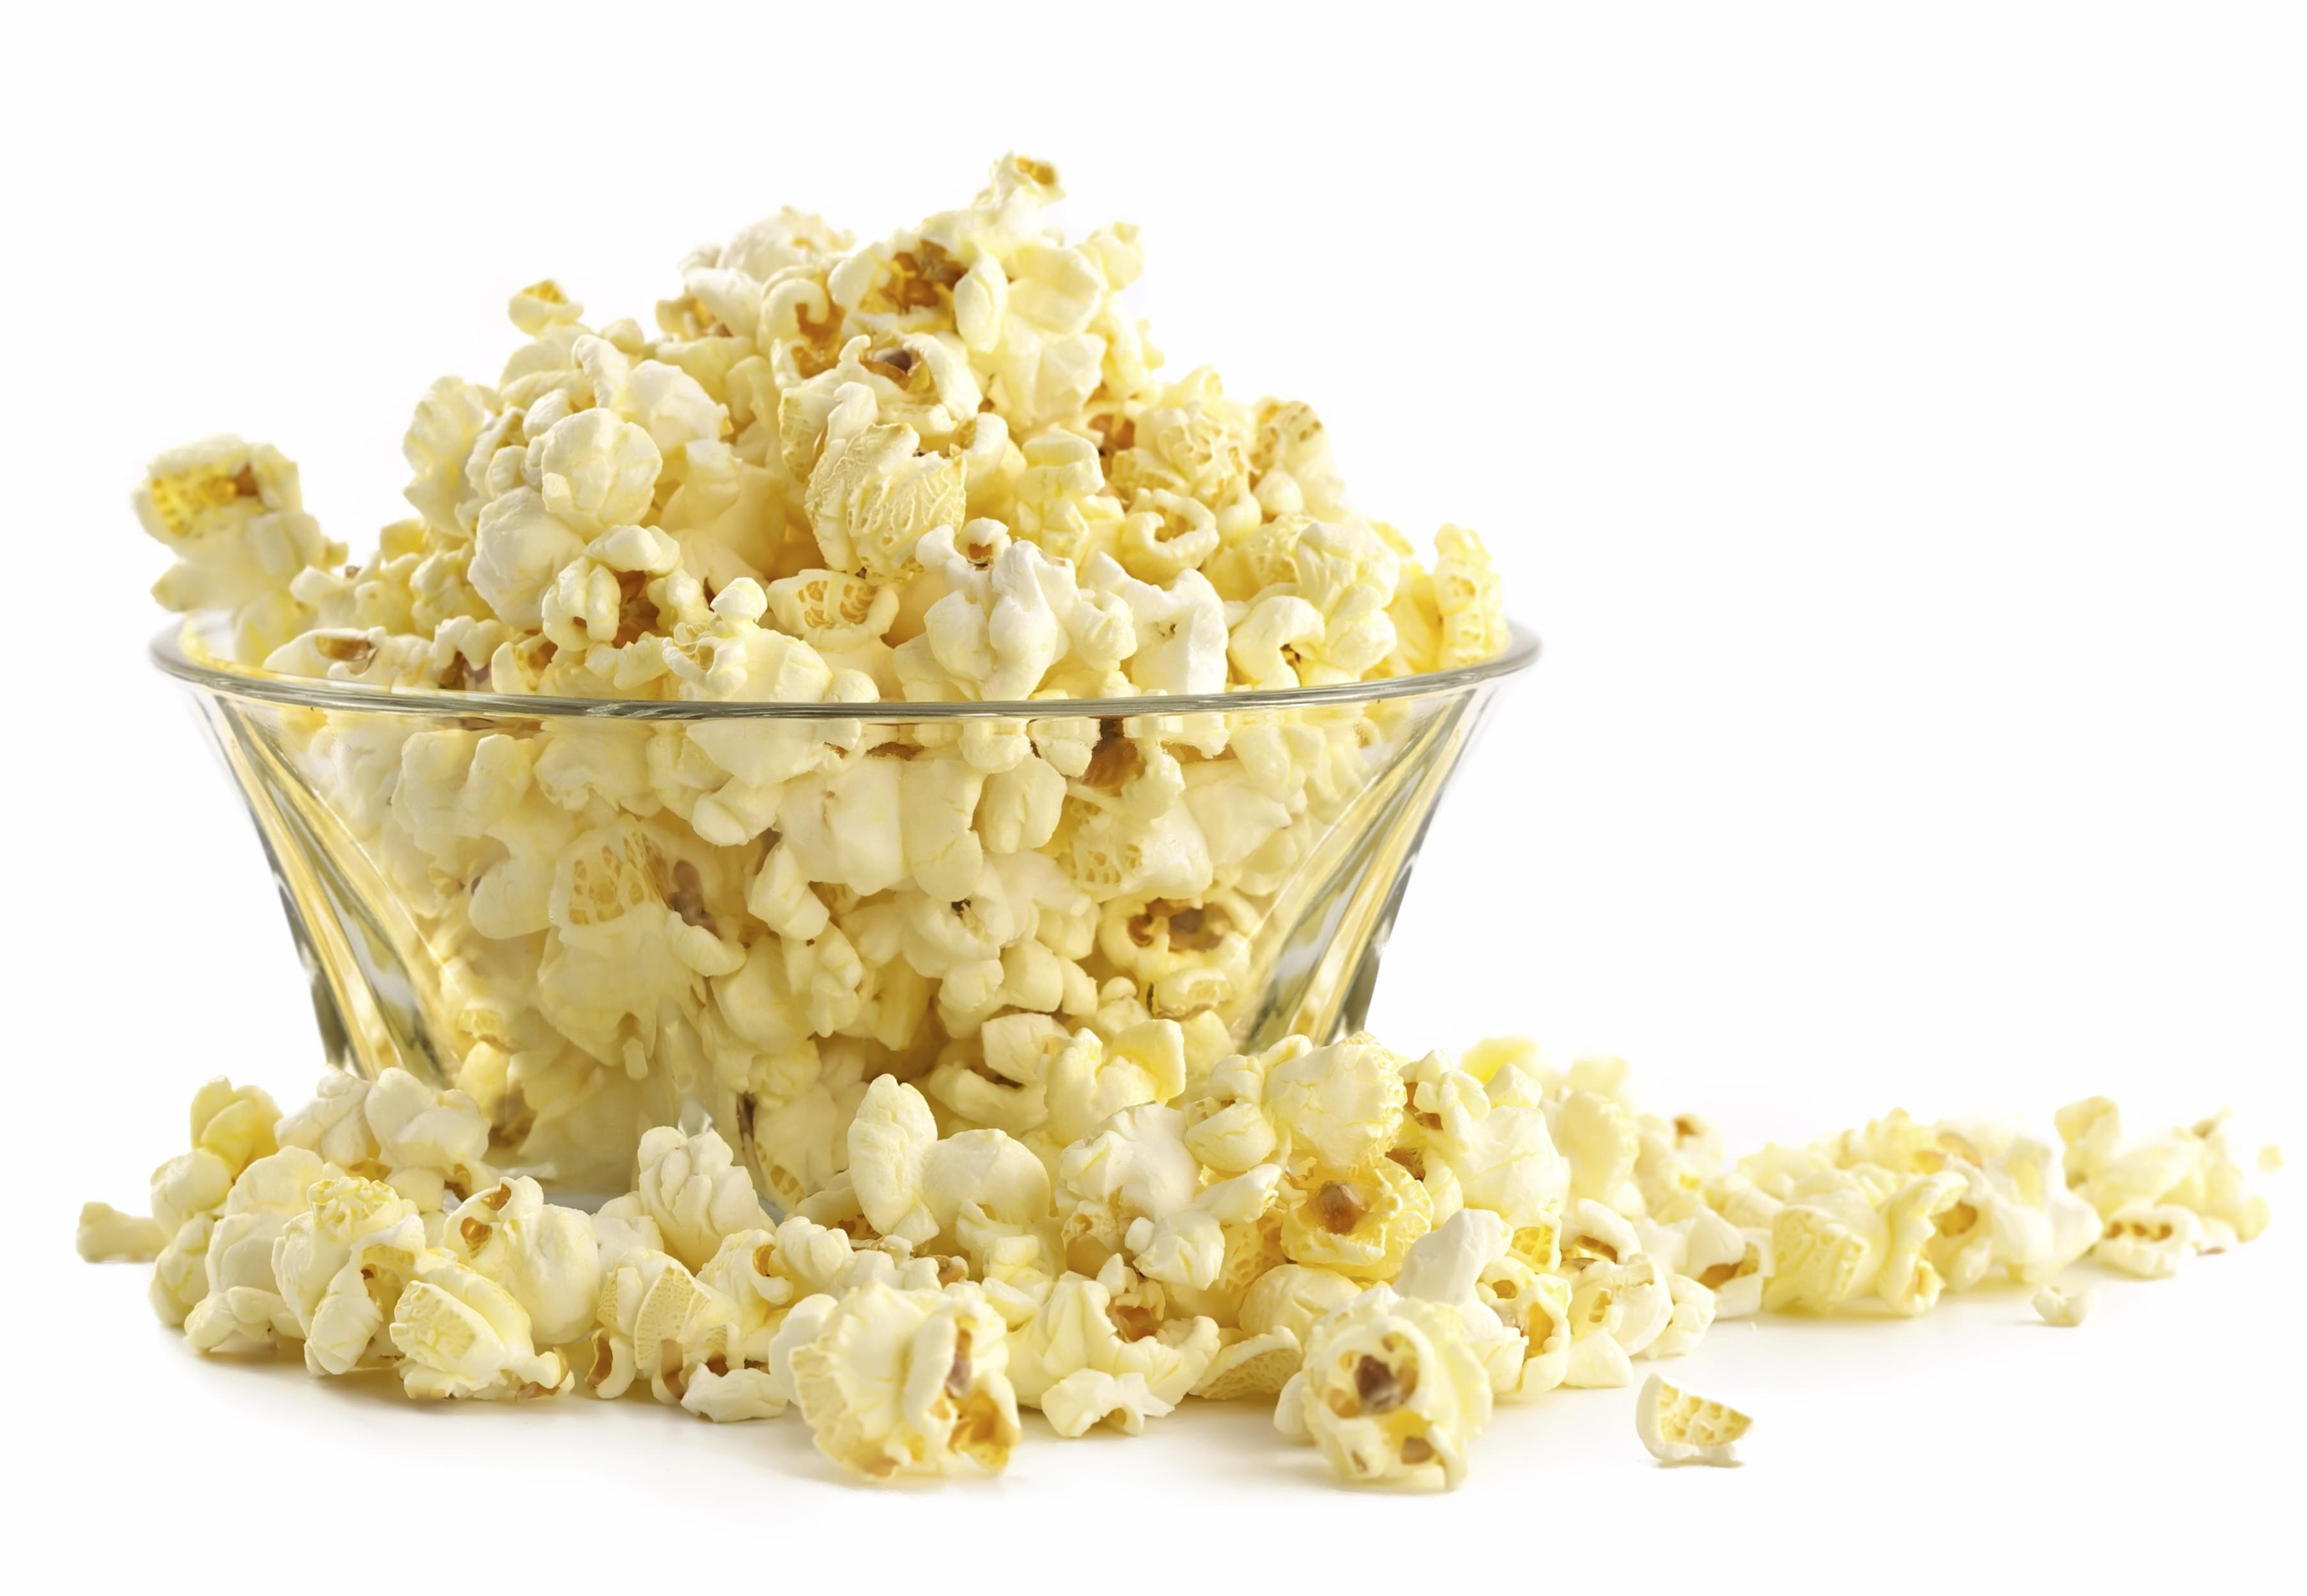 Peluang-Bisnis-Popcorn-dan-Analisa-Usahanya-pengusahasukses